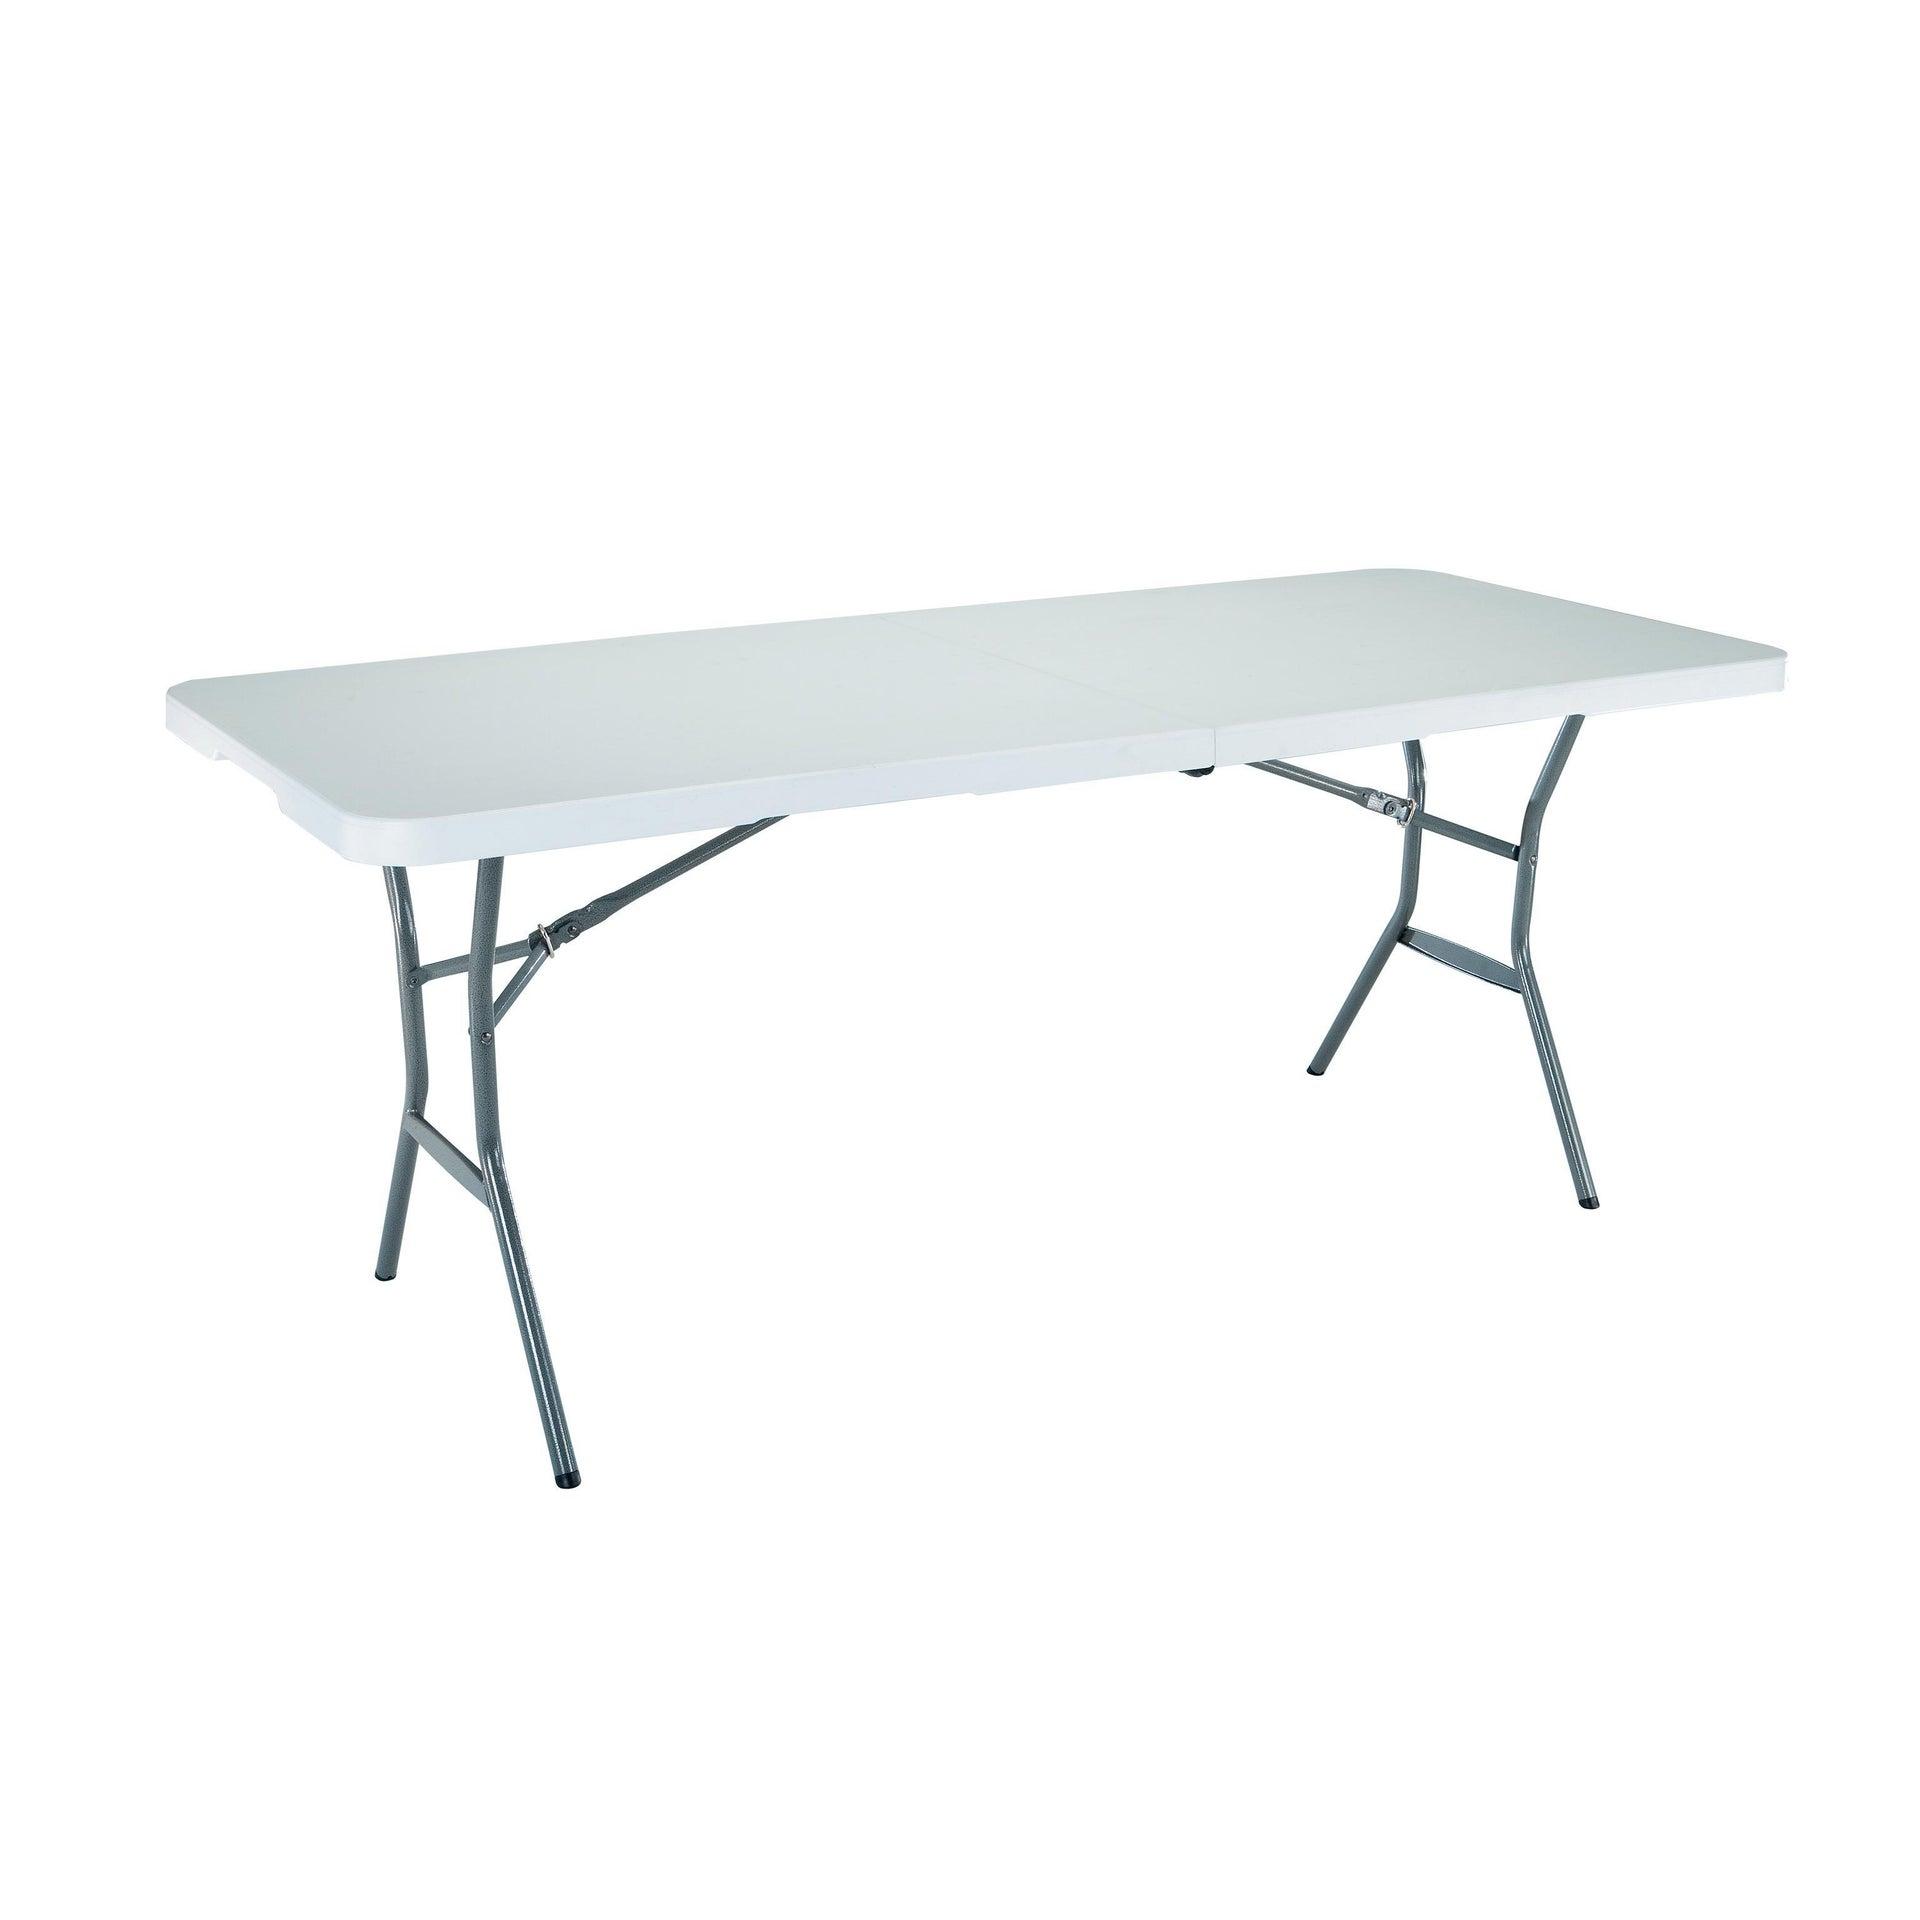 Tavolo da pranzo per giardino rettangolare Lifetime con piano in plastica L 76 x P 183 cm - 1